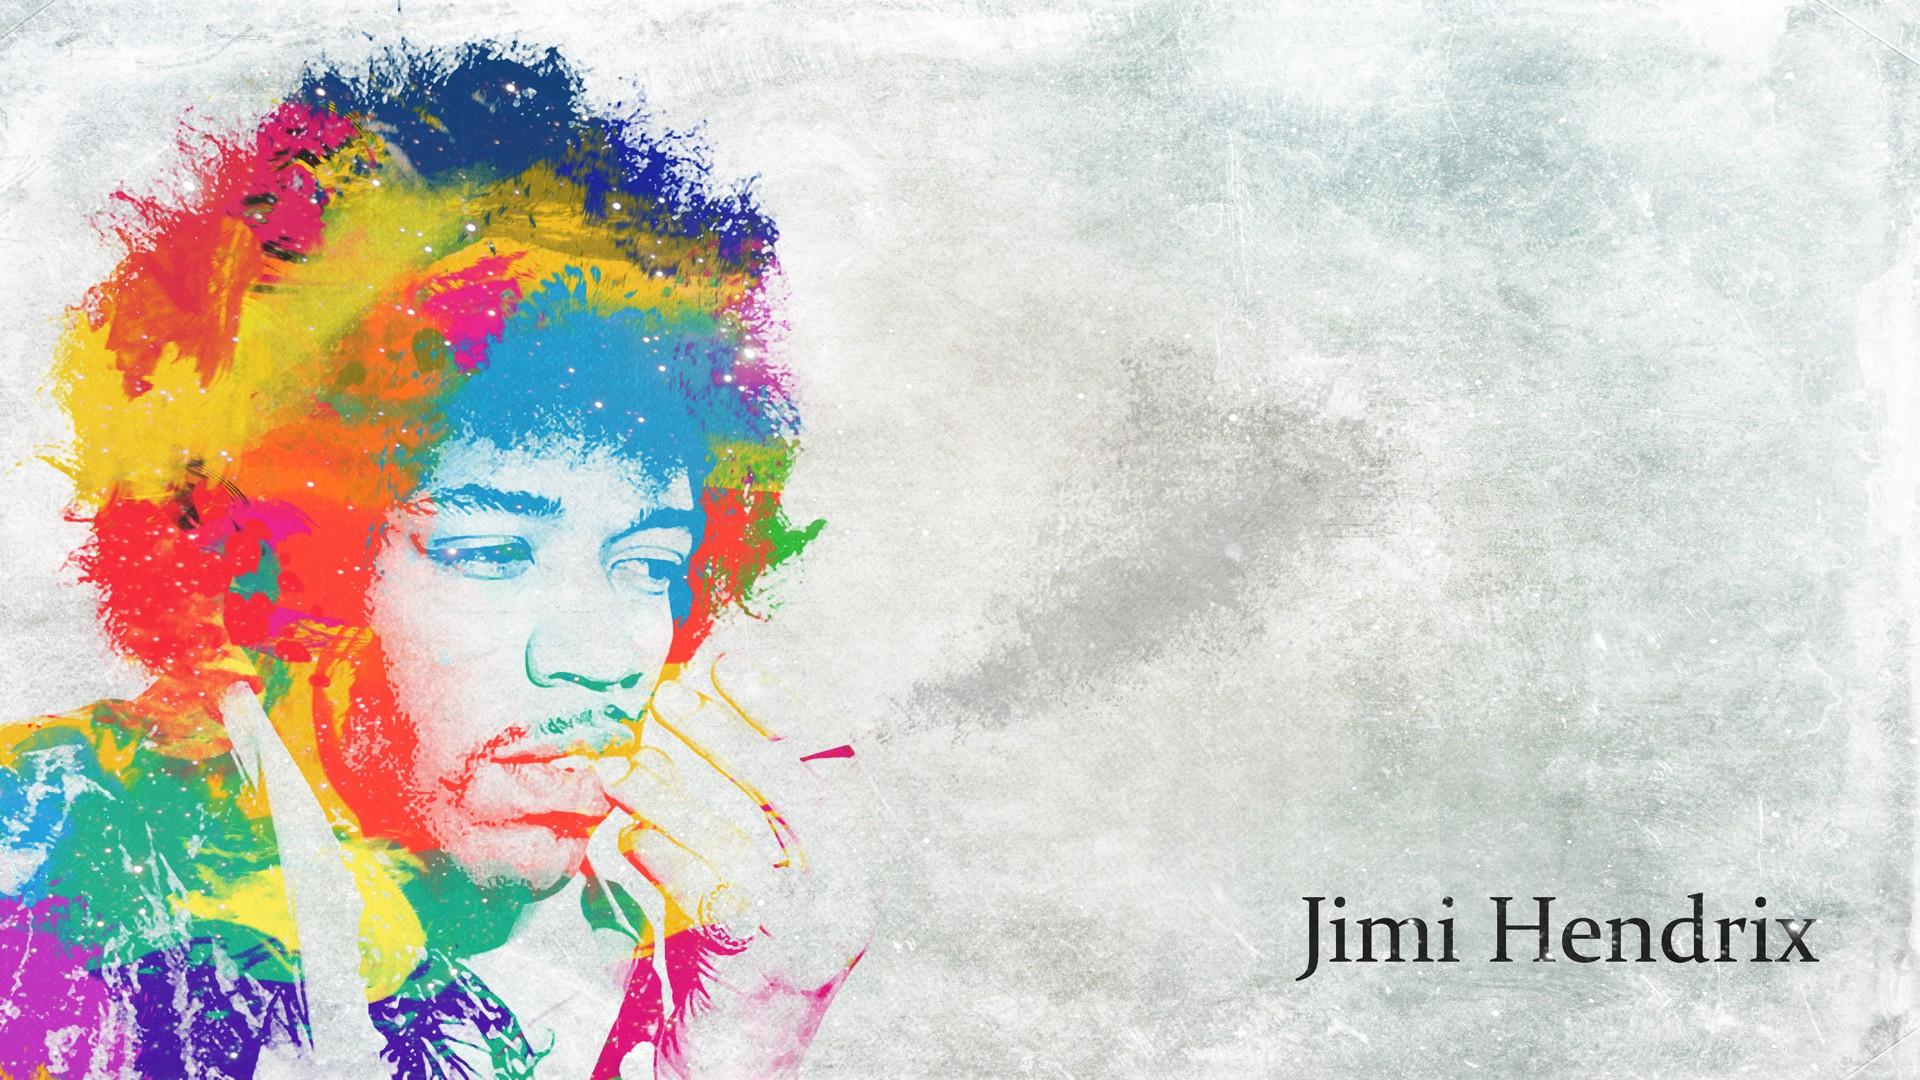 jimi hendrix computer wallpapers desktop backgrounds